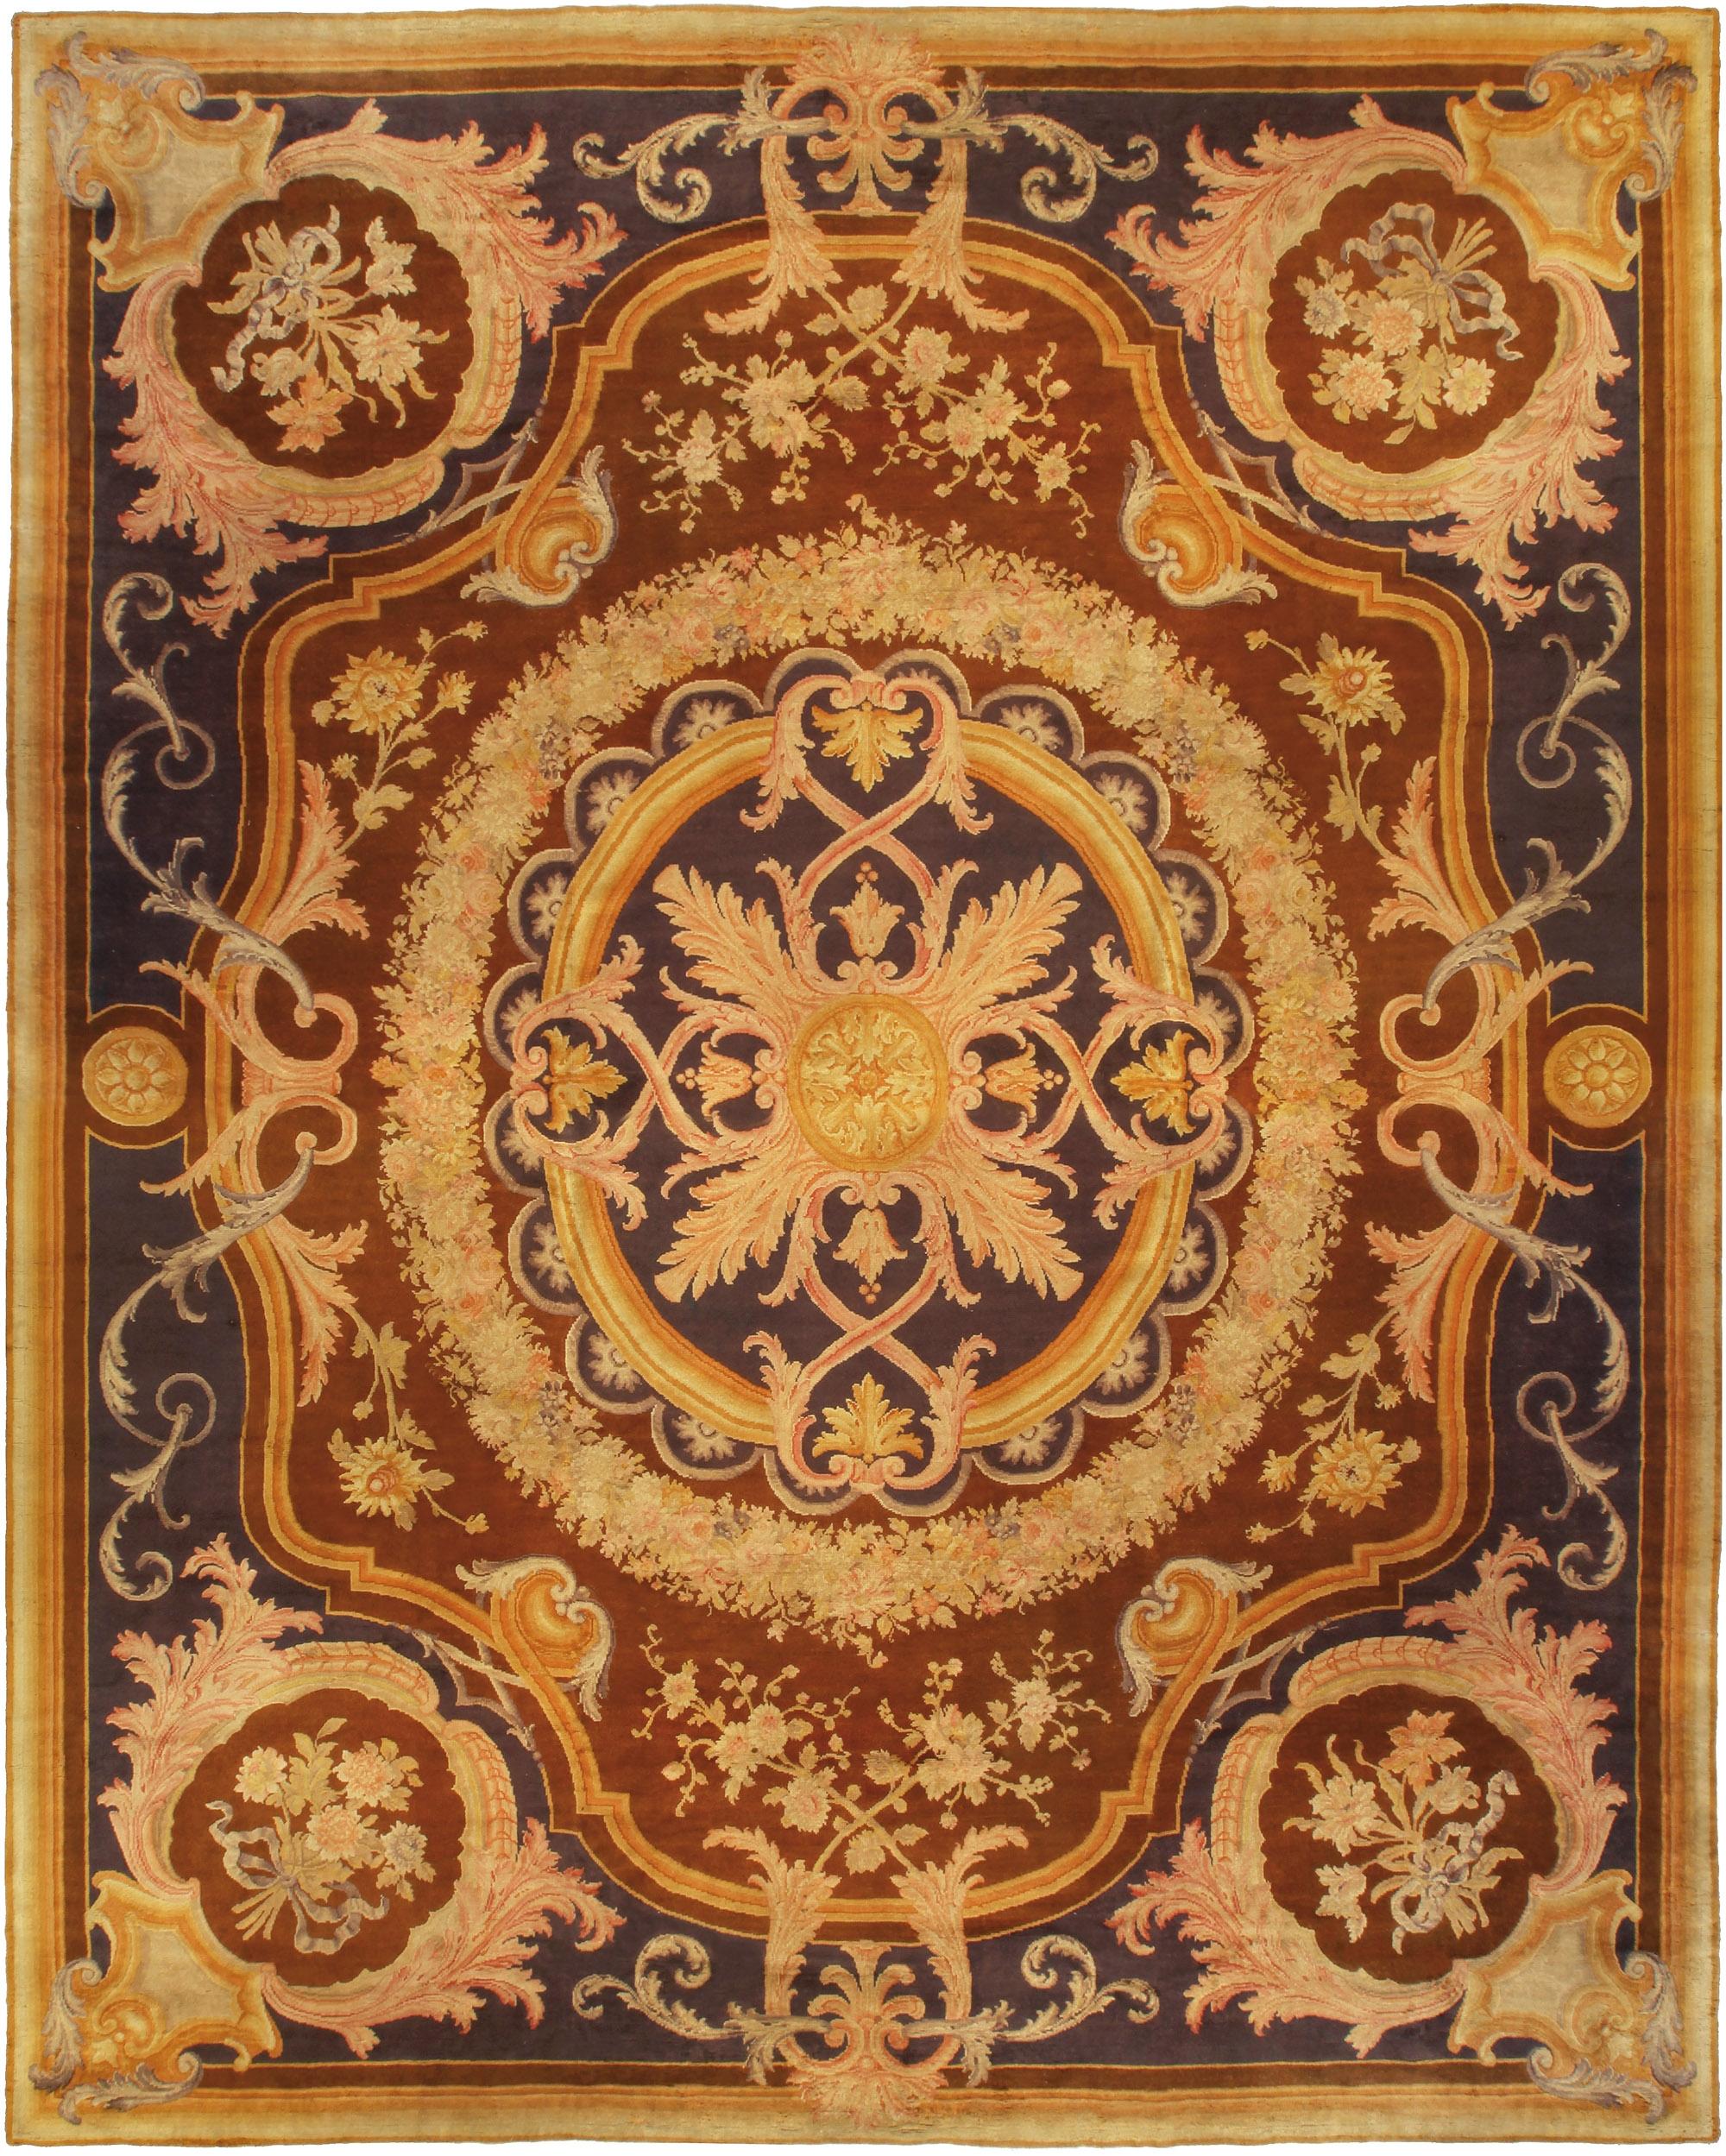 European Rugs From New York Gallery Doris Leslie Blau Inside European Rugs (Image 11 of 15)